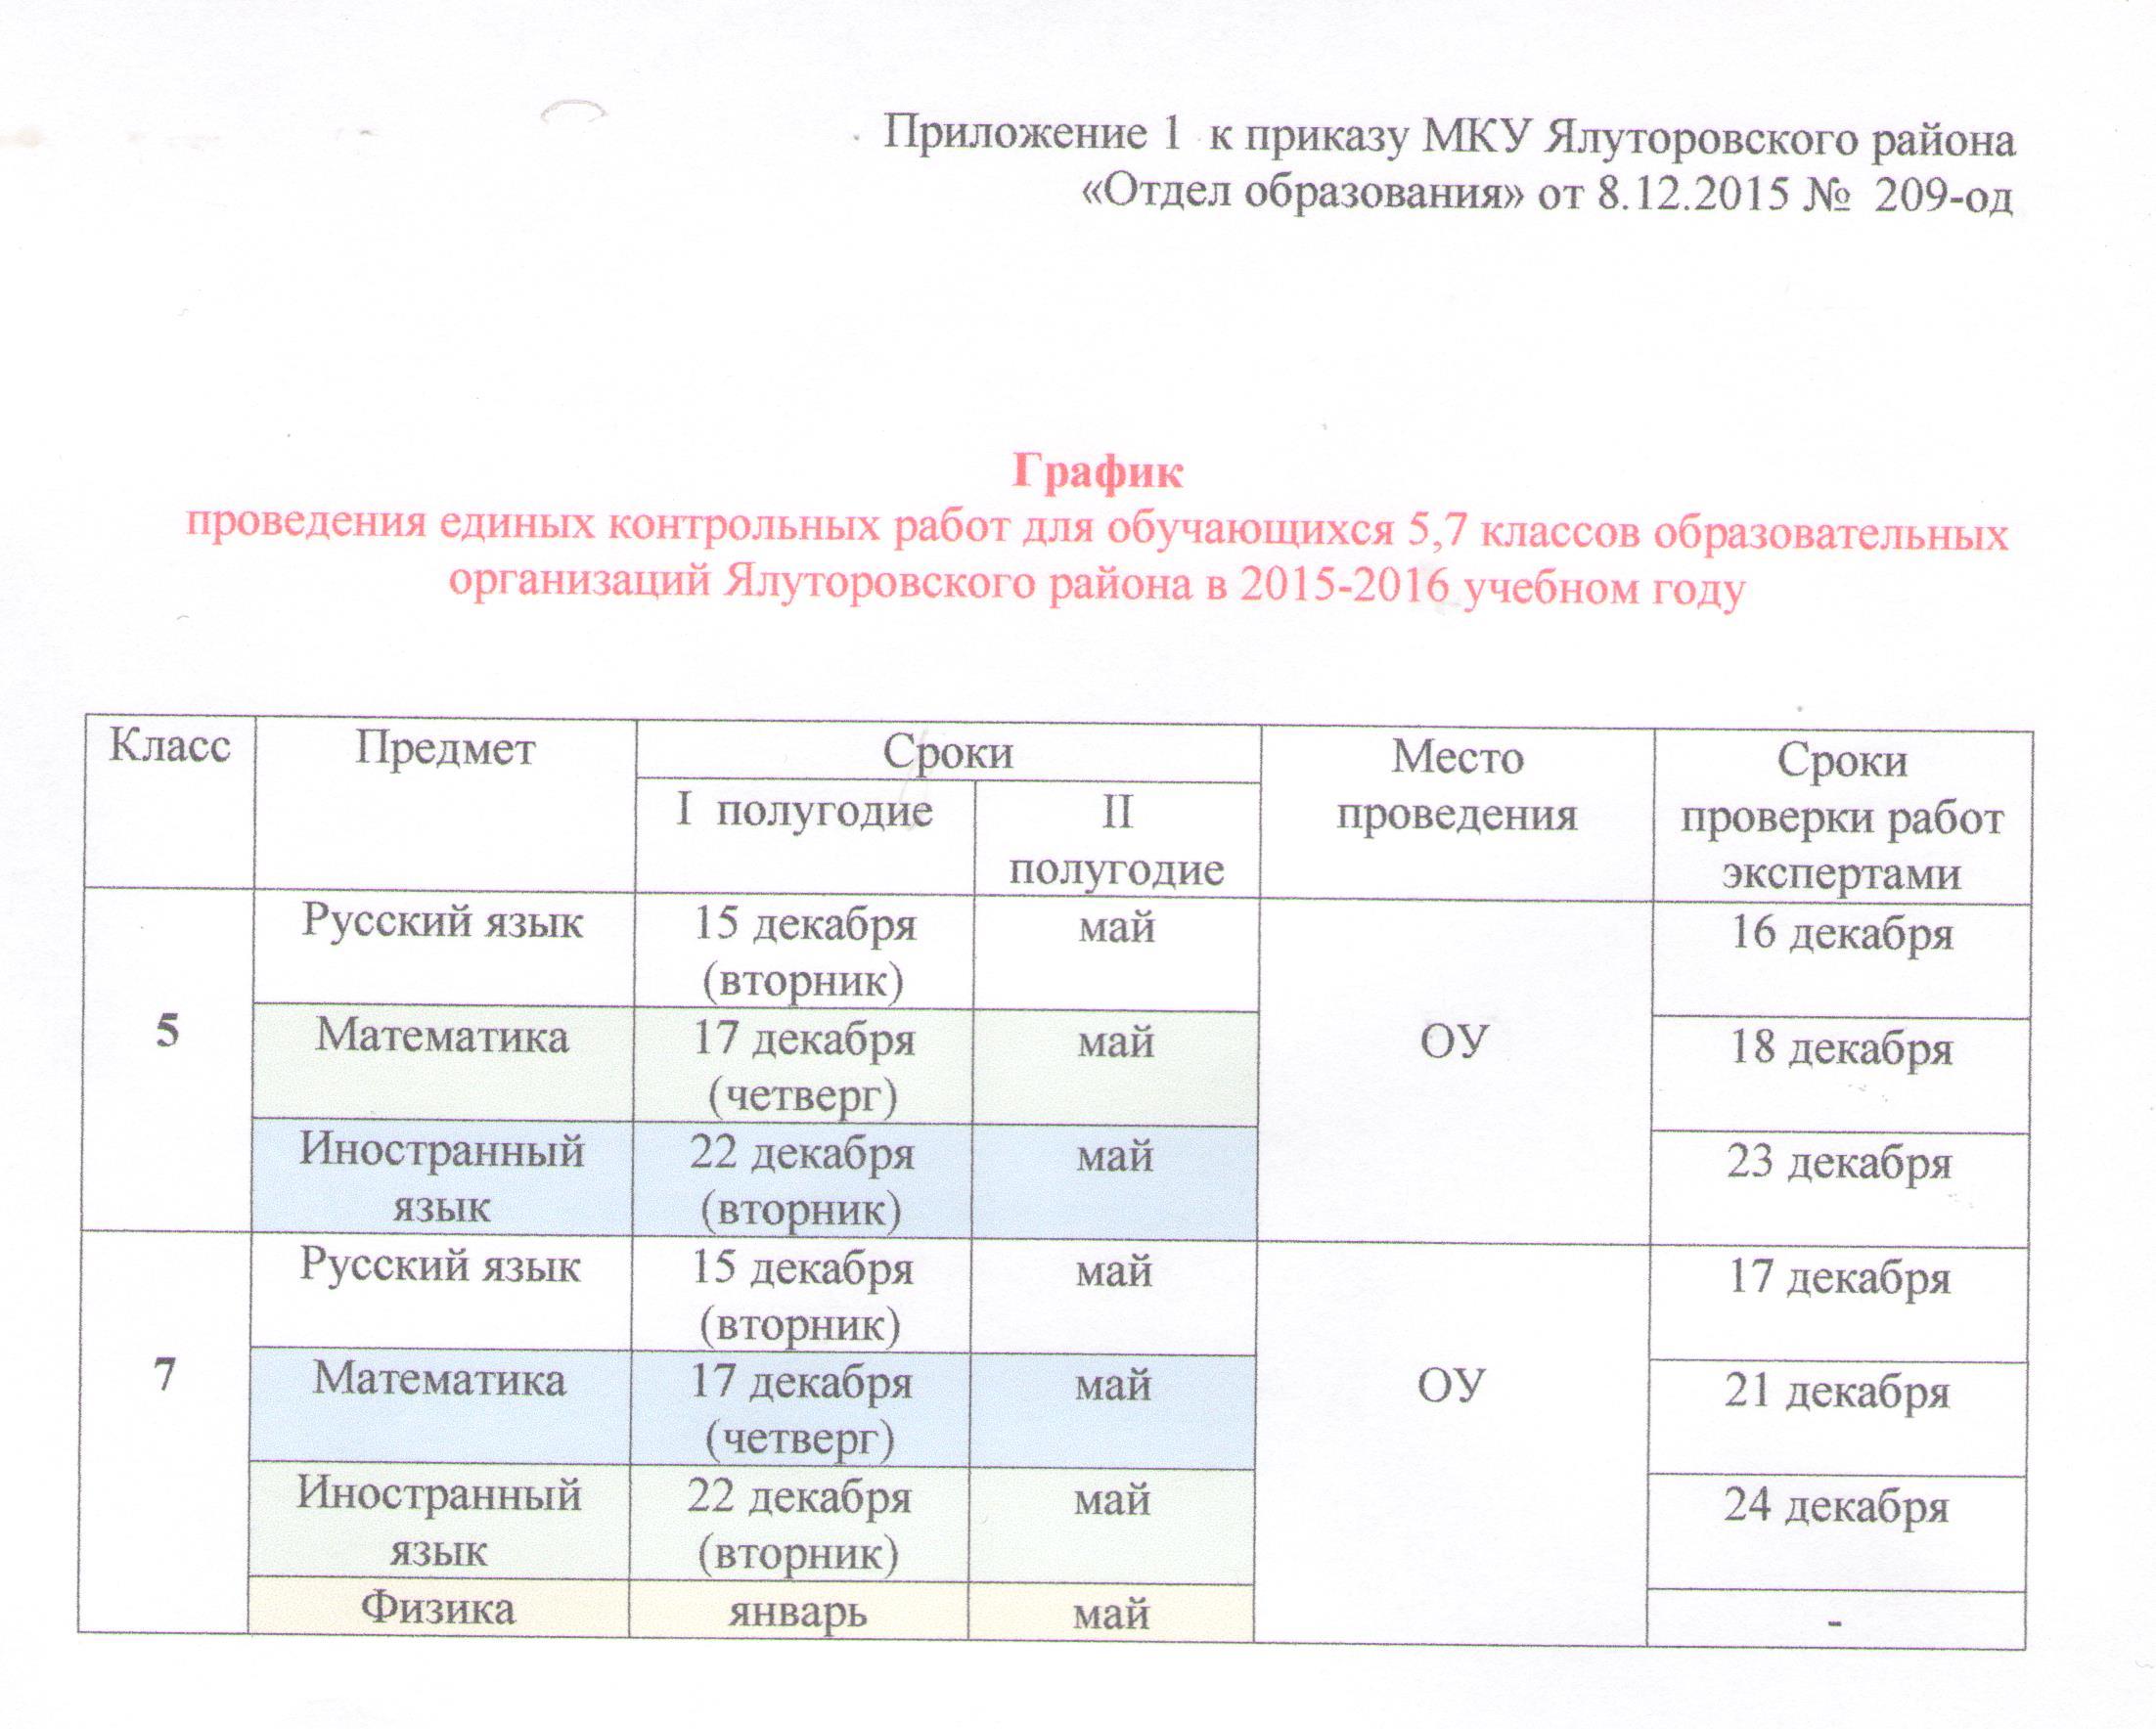 Графики контрольных работ по русскому языку 9740